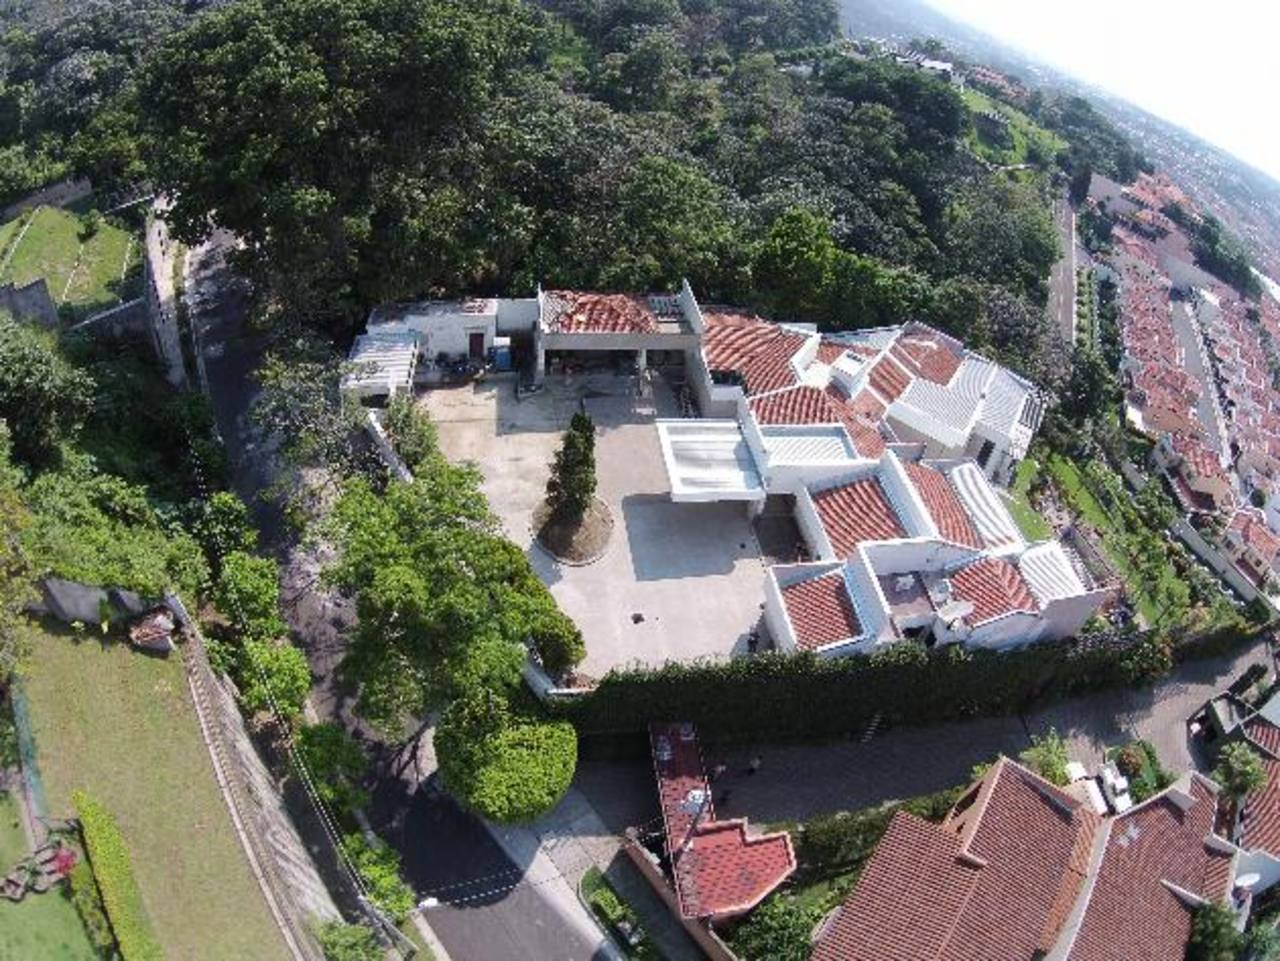 La extensión del terreno ha permitido construir una residencia con todo tipo de detalles, múltiples habitaciones y otros espacios.